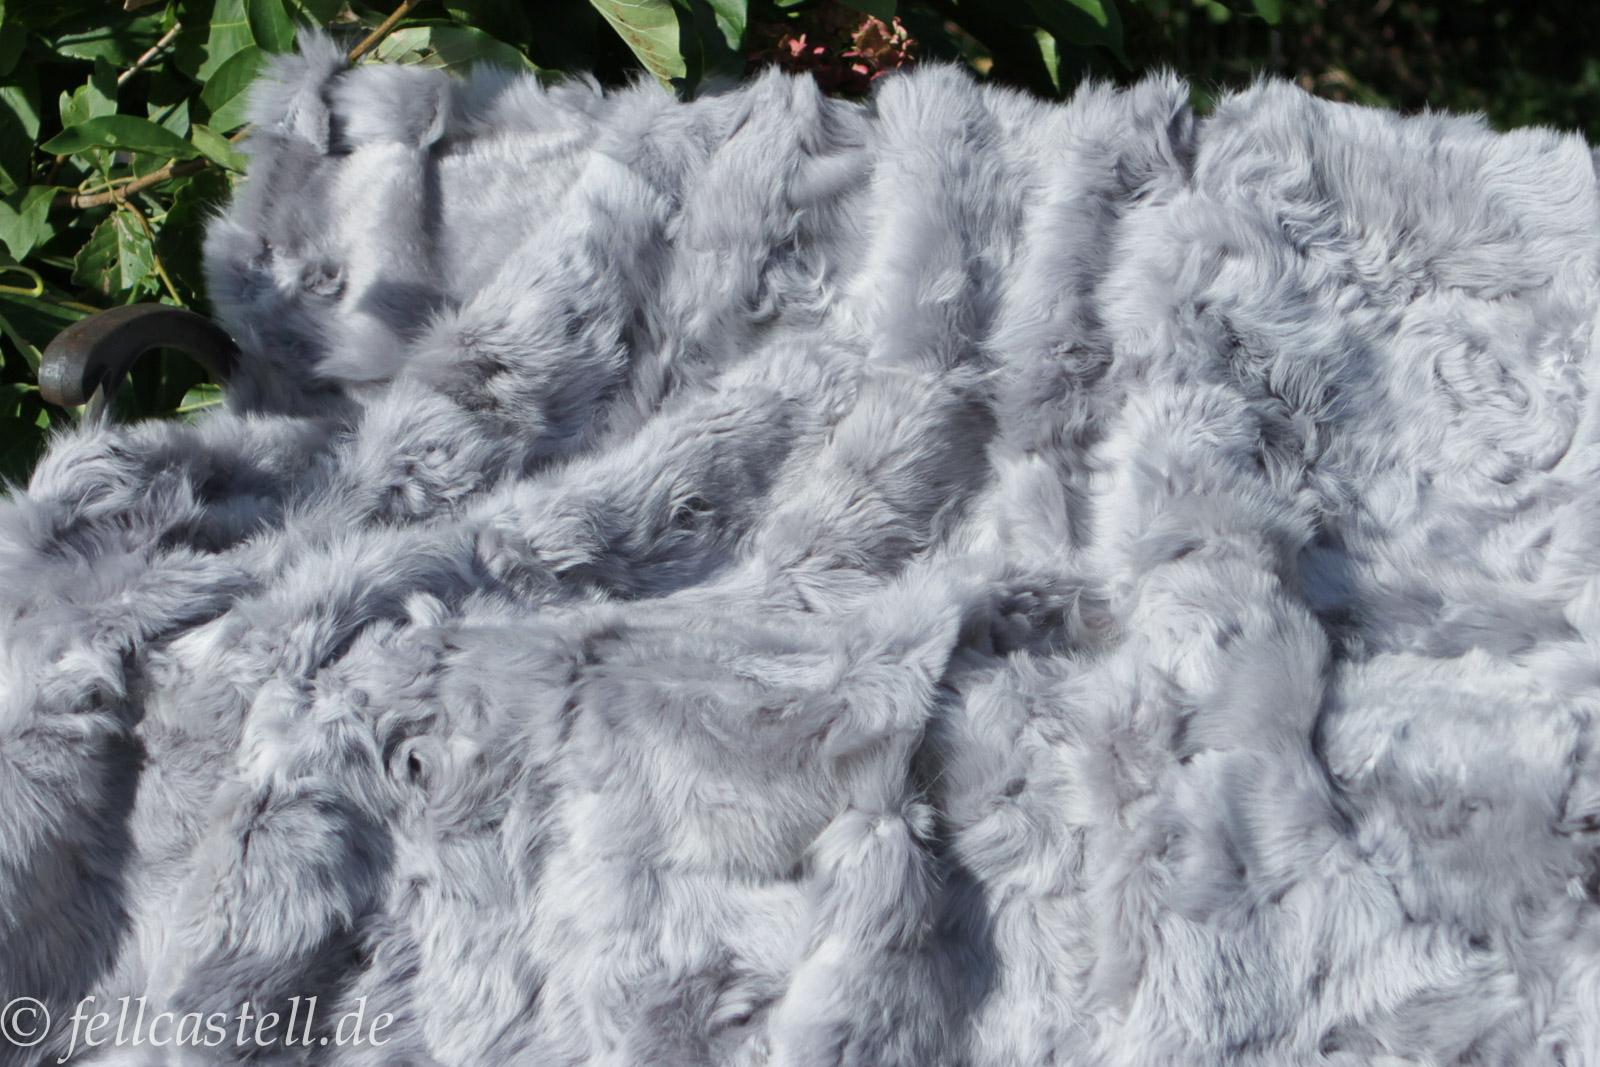 Toscana Lammfelldecke 210x205 cm Hell-Grau abgefüttert